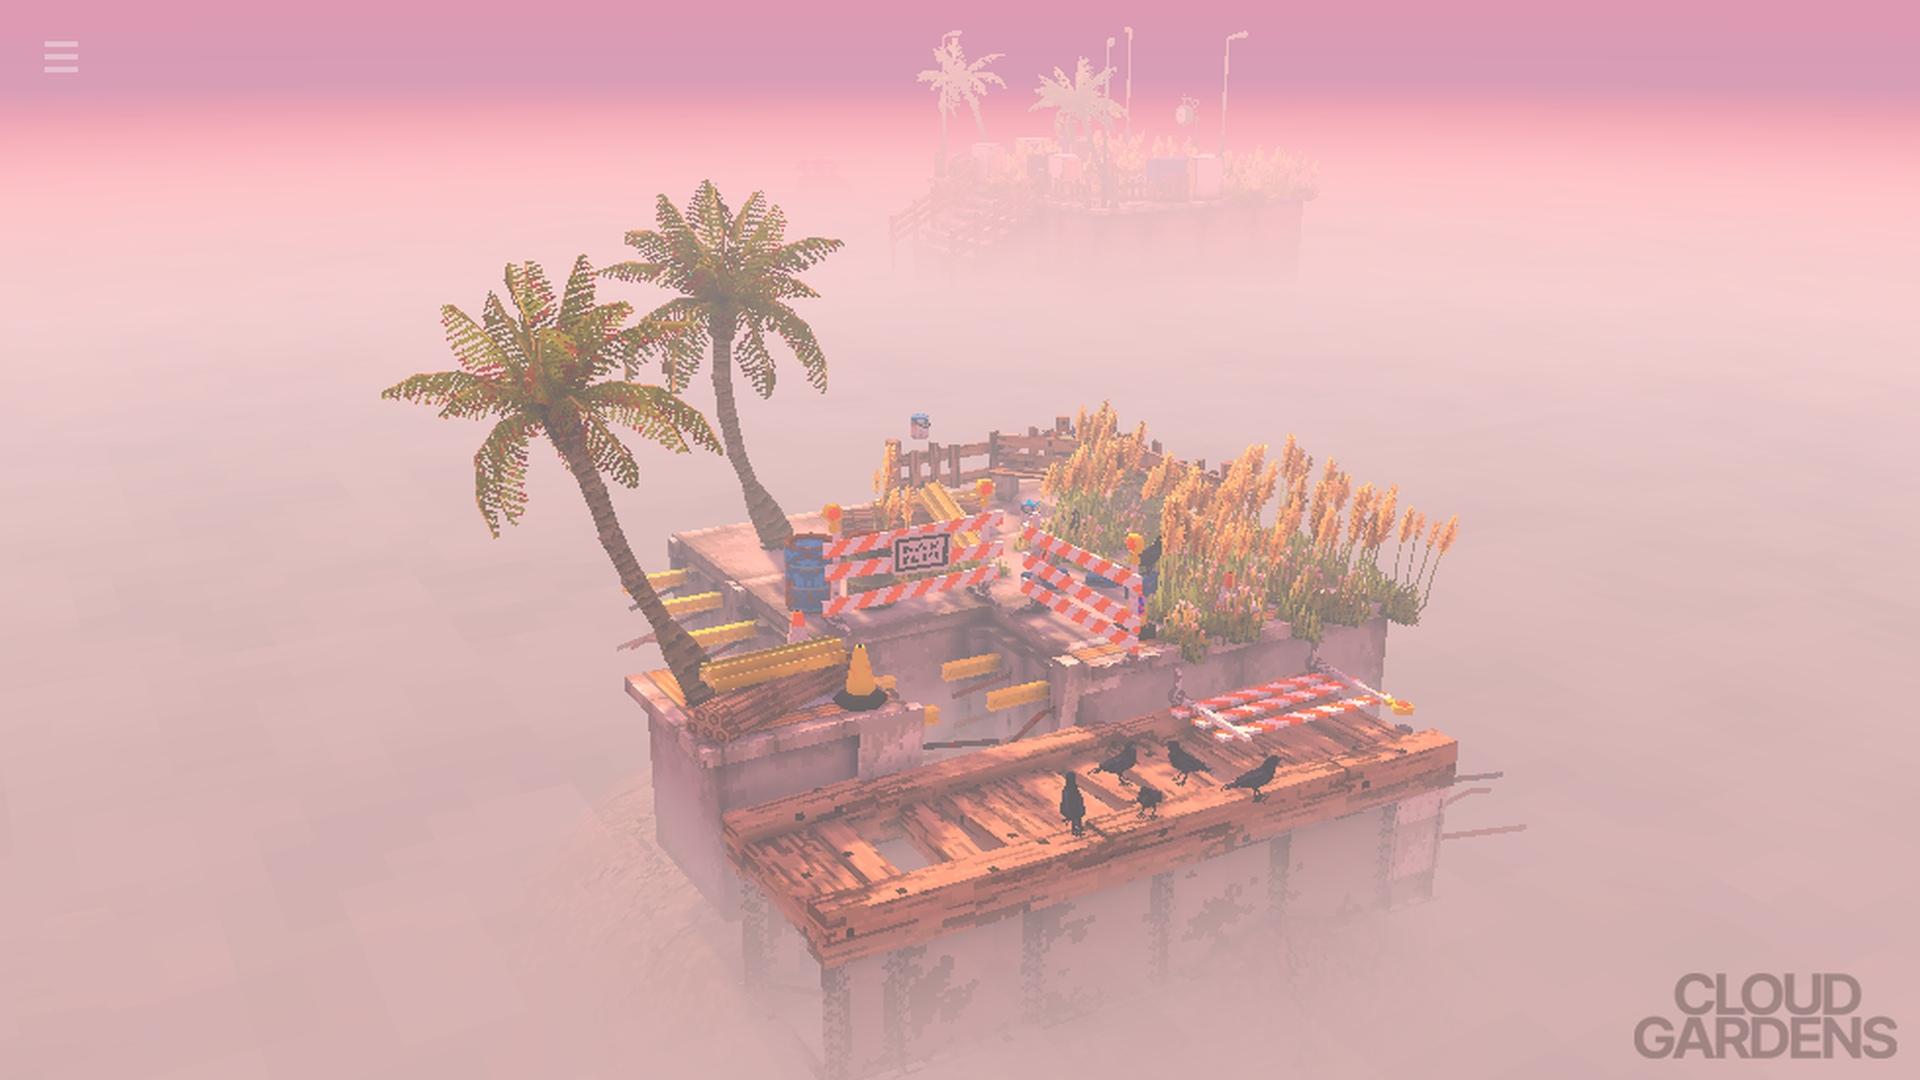 Cloud Gardens | Noio